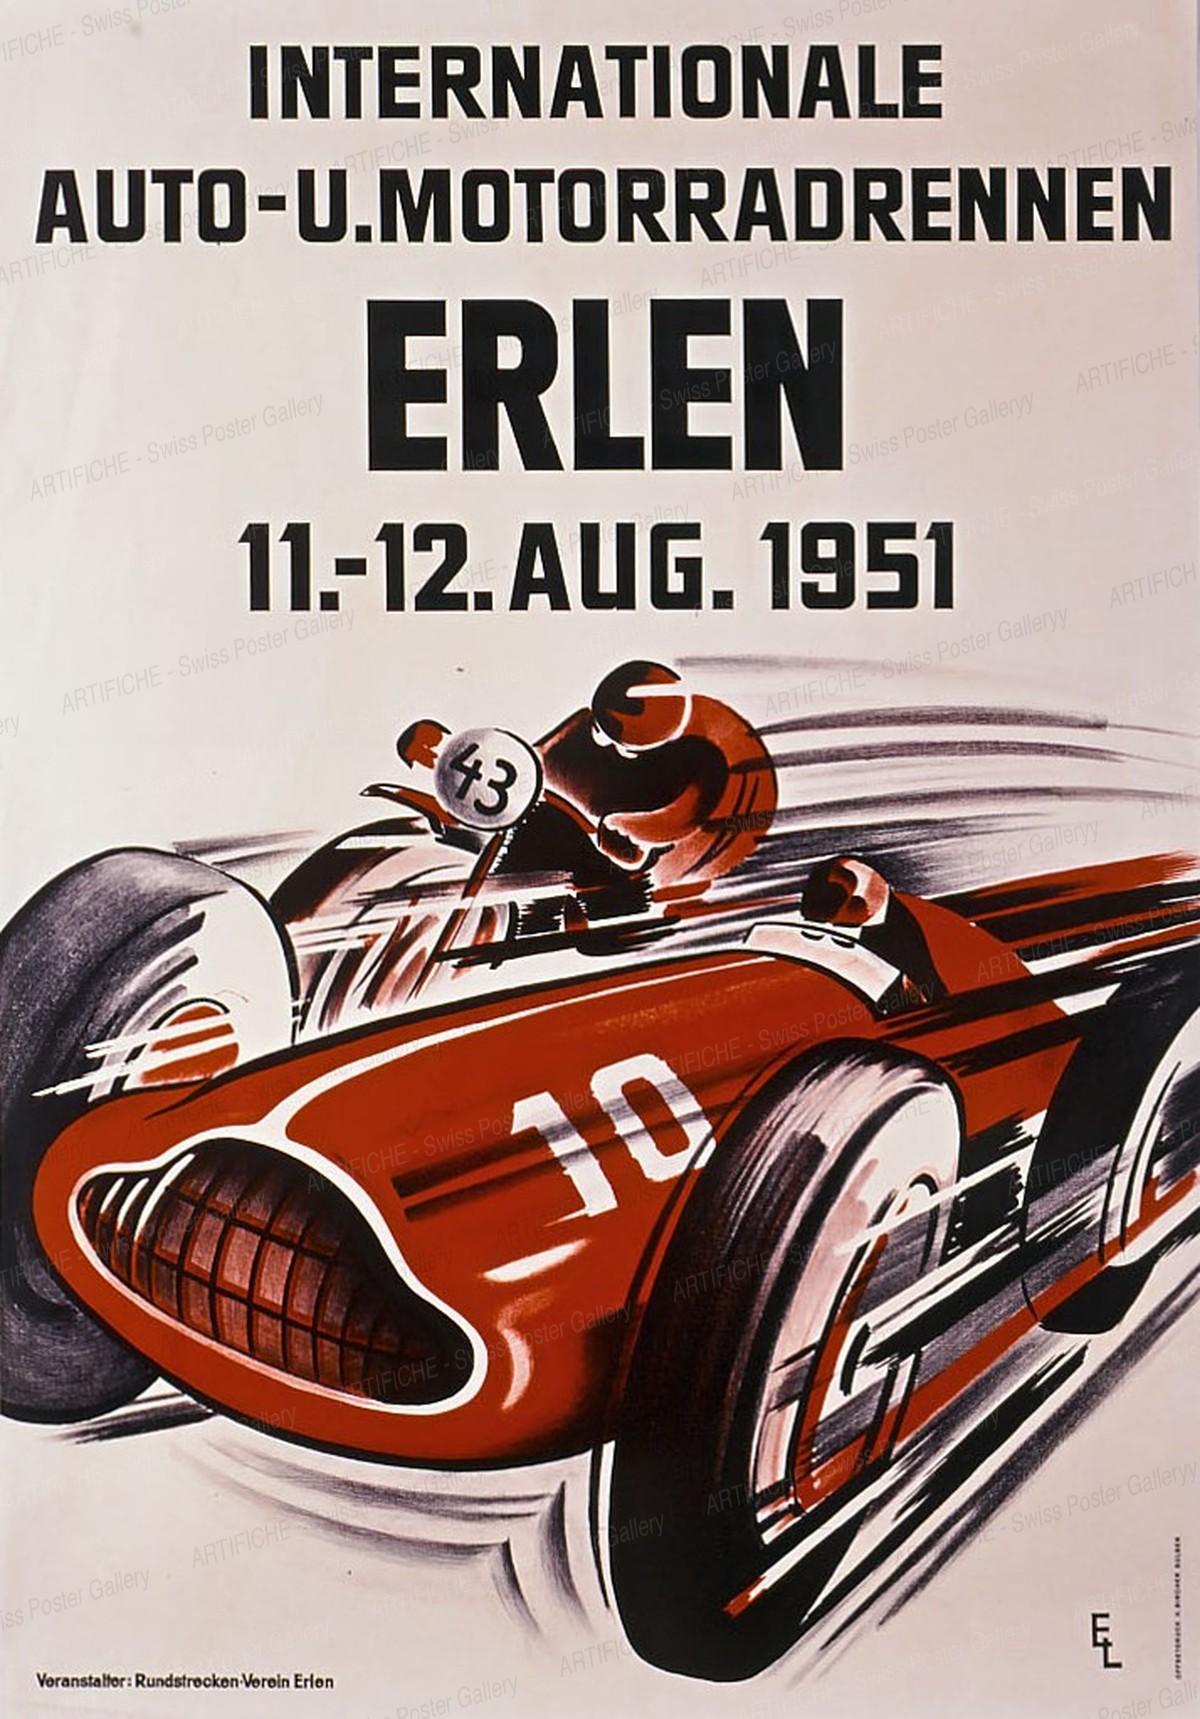 Internationale Auto- u. Motorradrennen Erlen 1951, Ernst Lehner